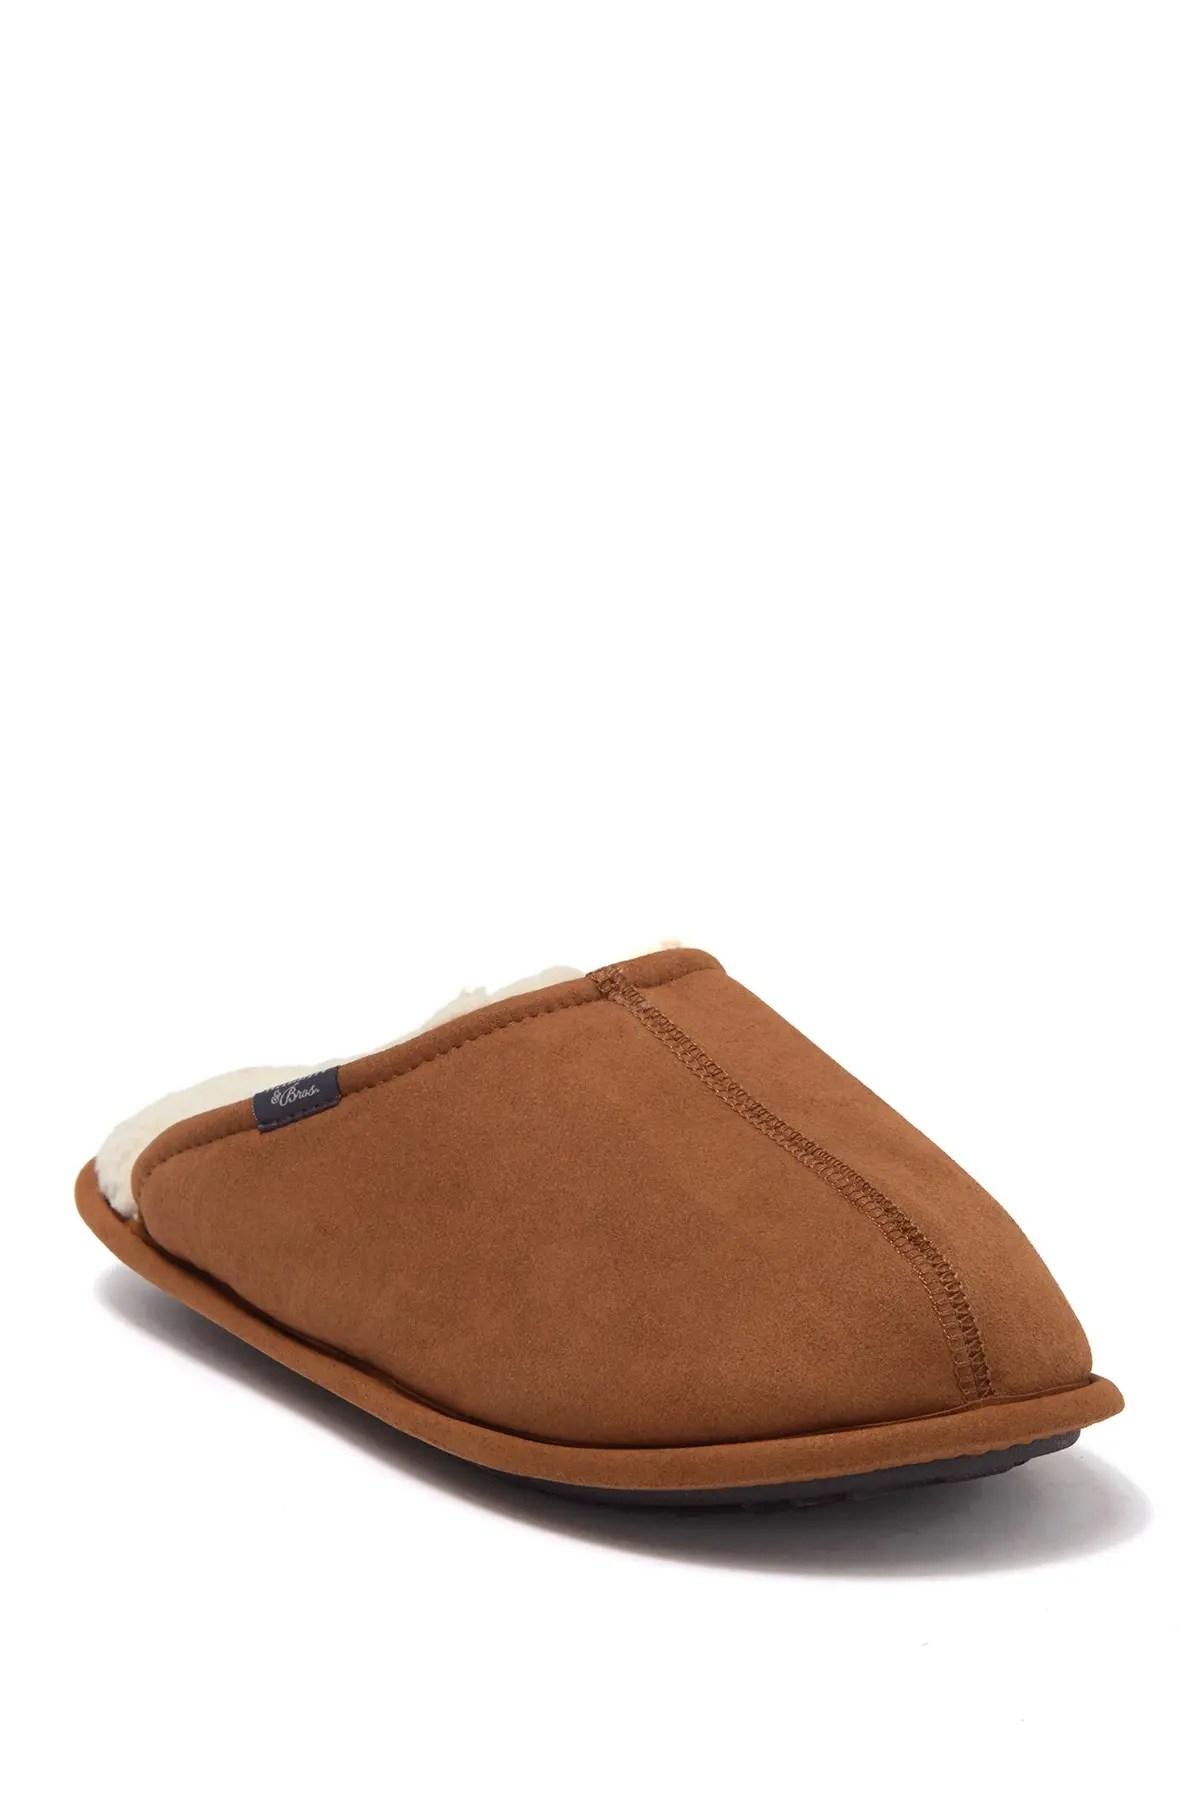 nordstrom rack slippers for men